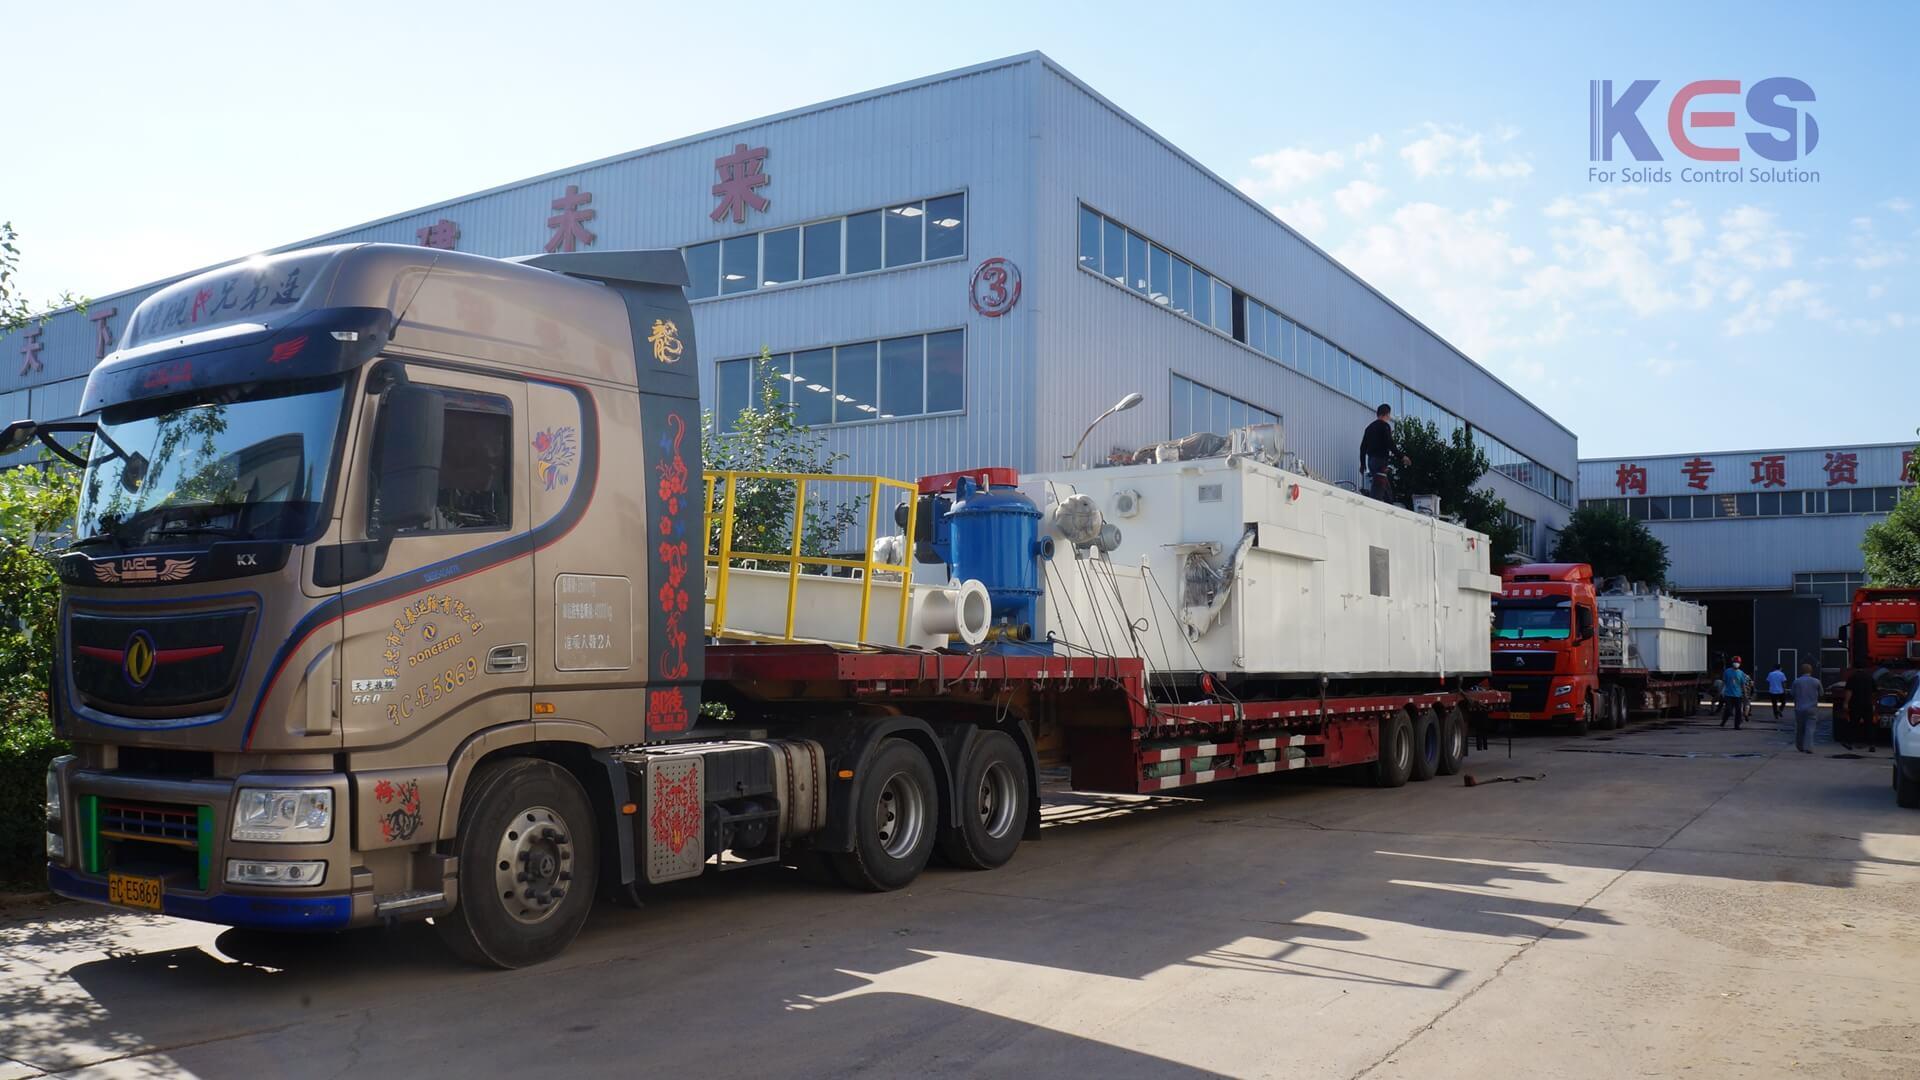 科盛能源又一套zj70泥浆固控系统发货